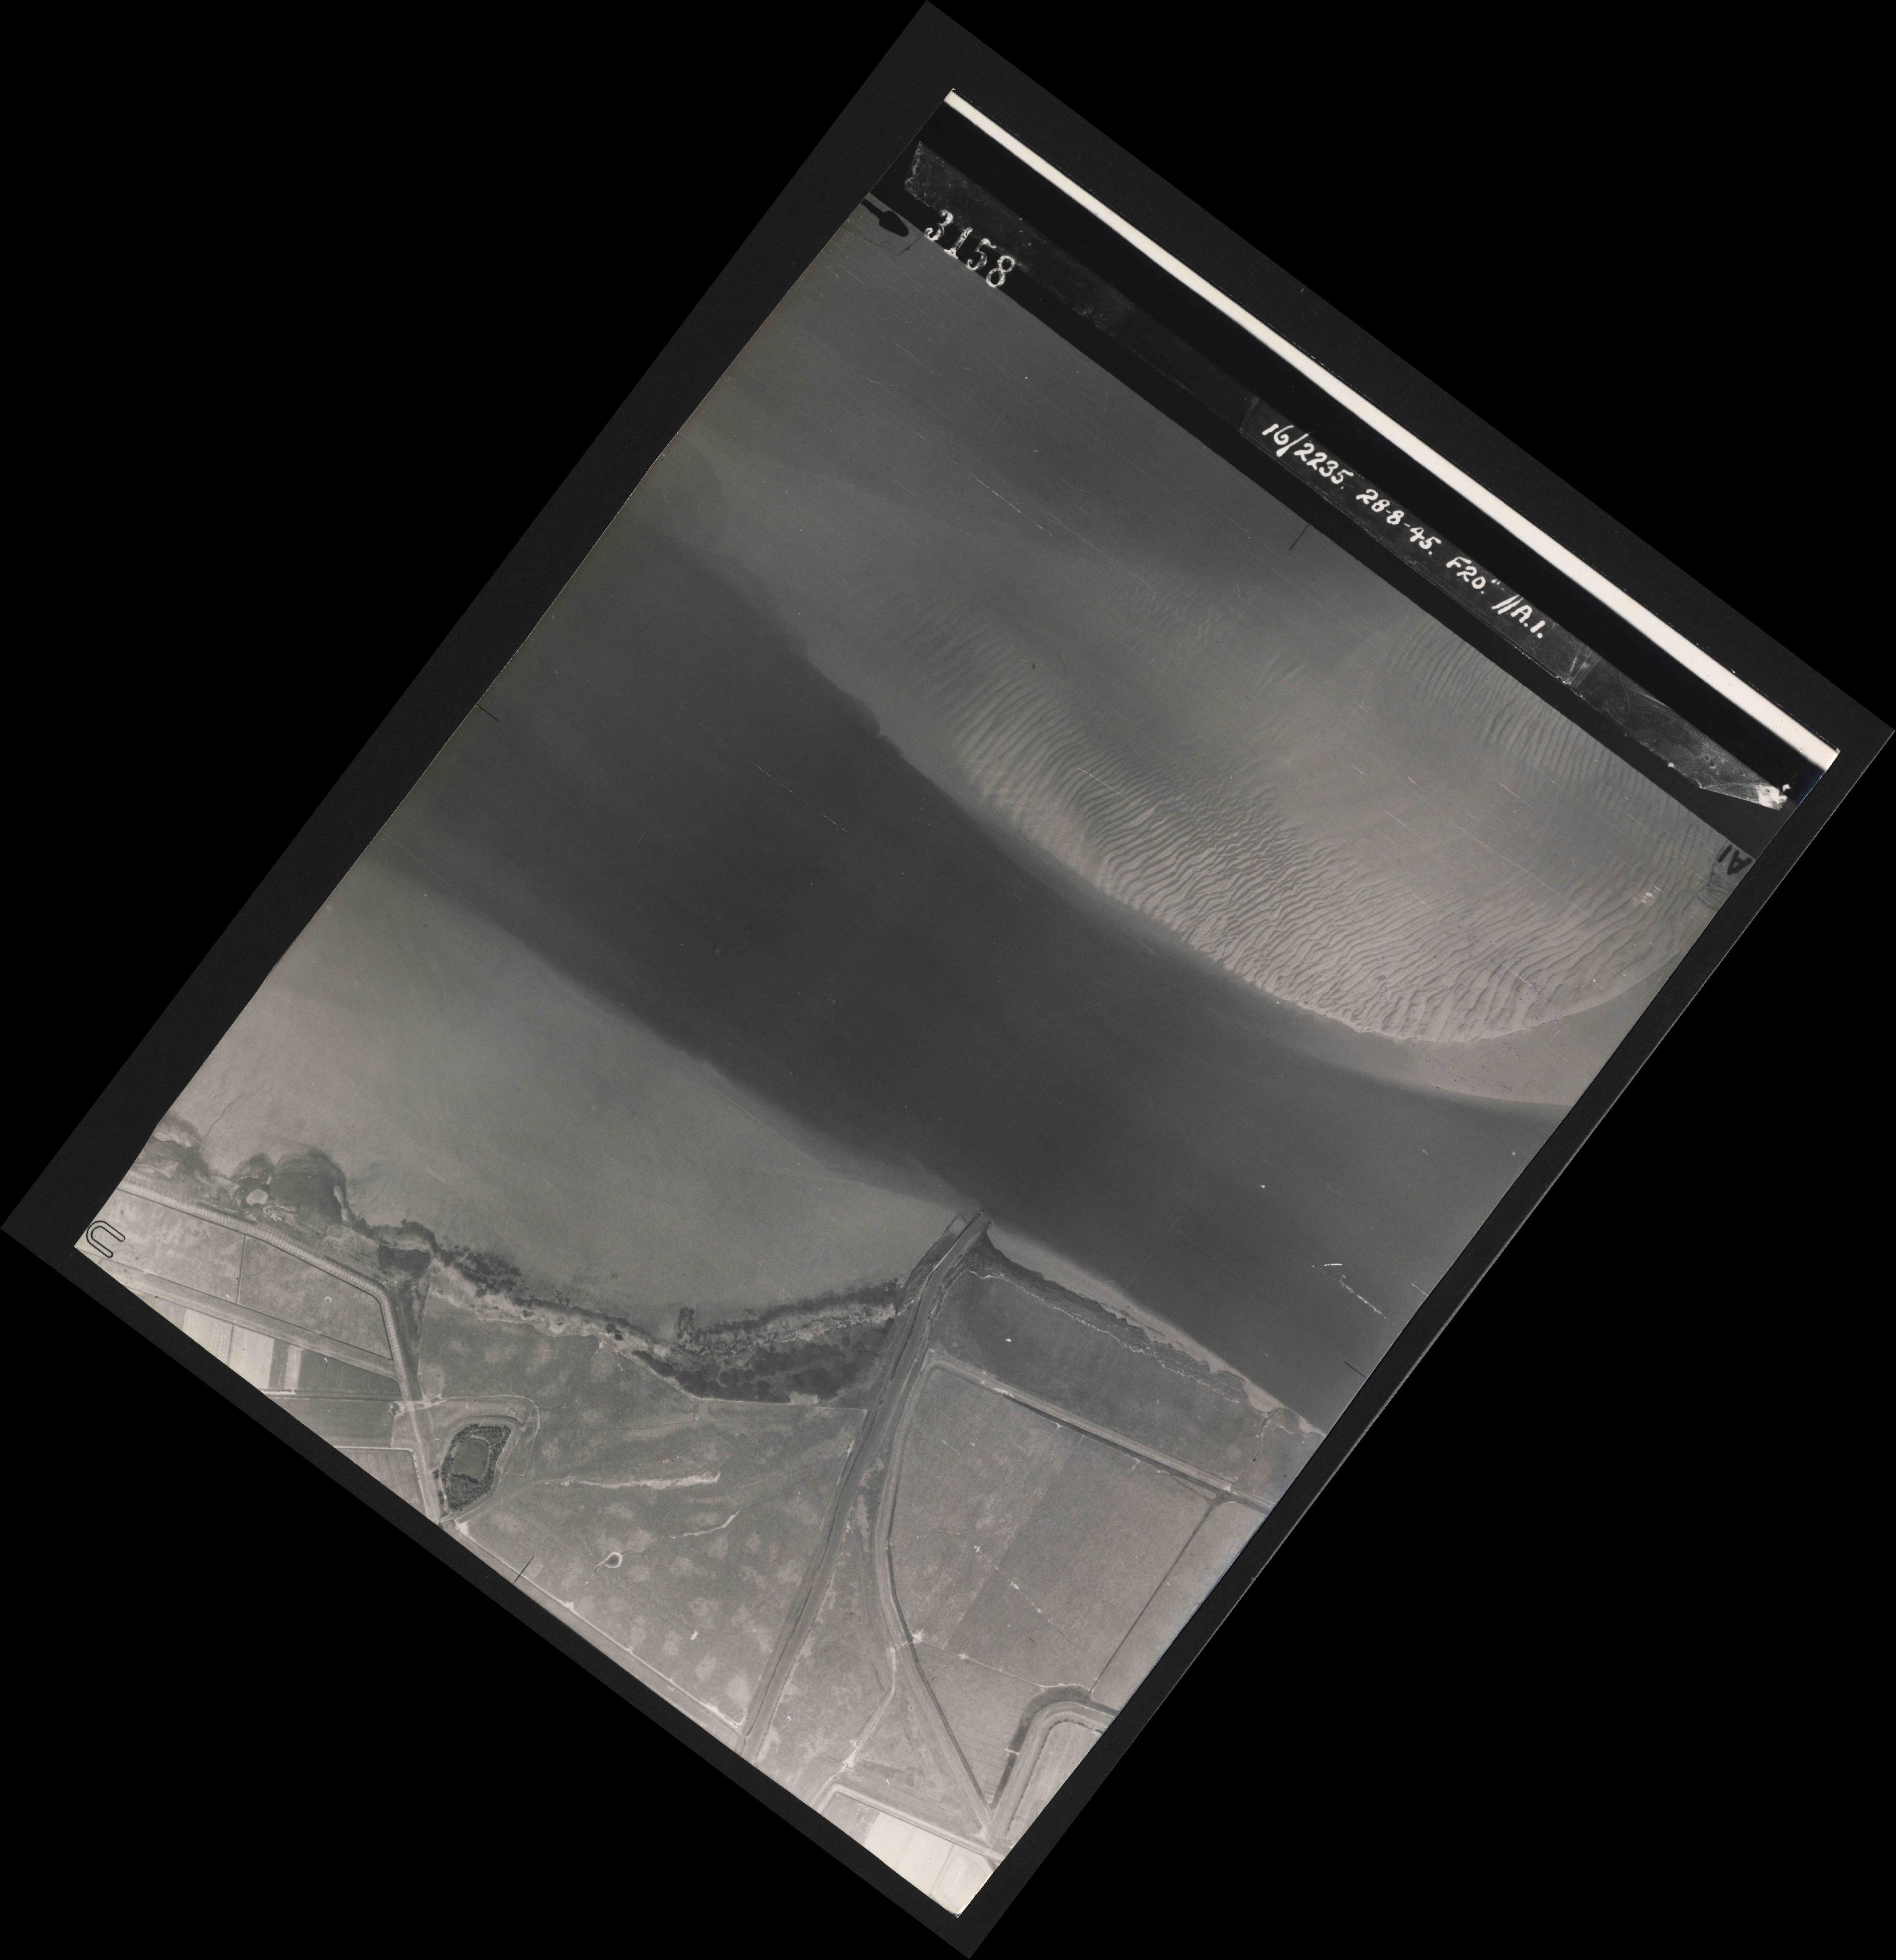 Collection RAF aerial photos 1940-1945 - flight 033, run 01, photo 3158